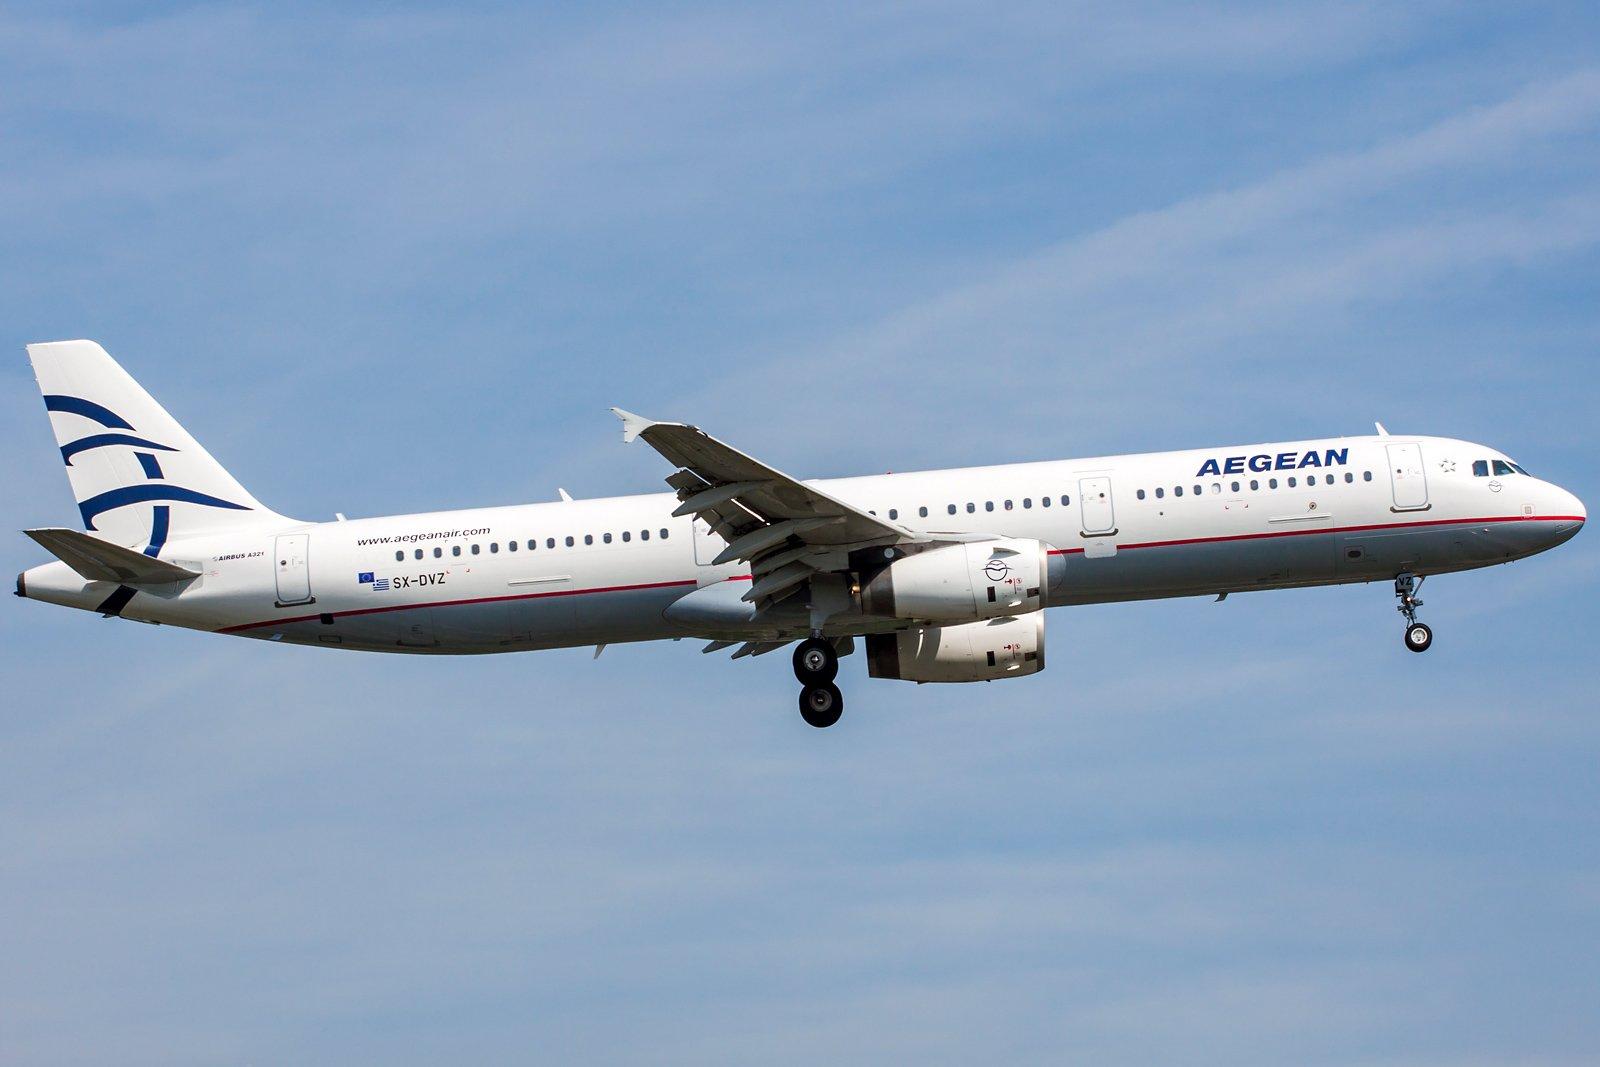 Aegean Airlines Airbus A321-231 SX-DVZ